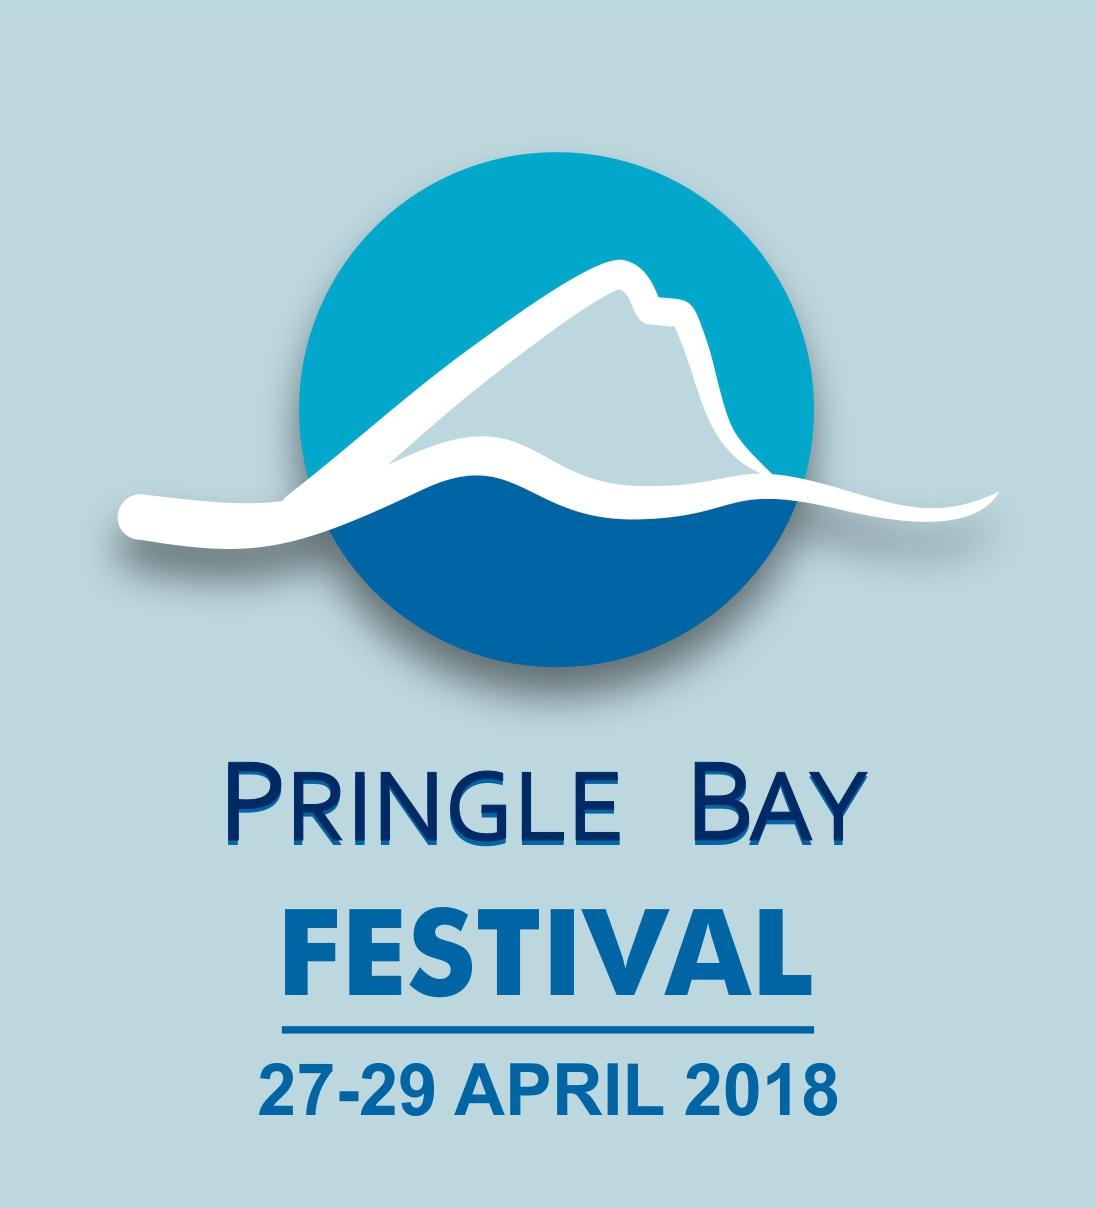 Pringle Bay Festival